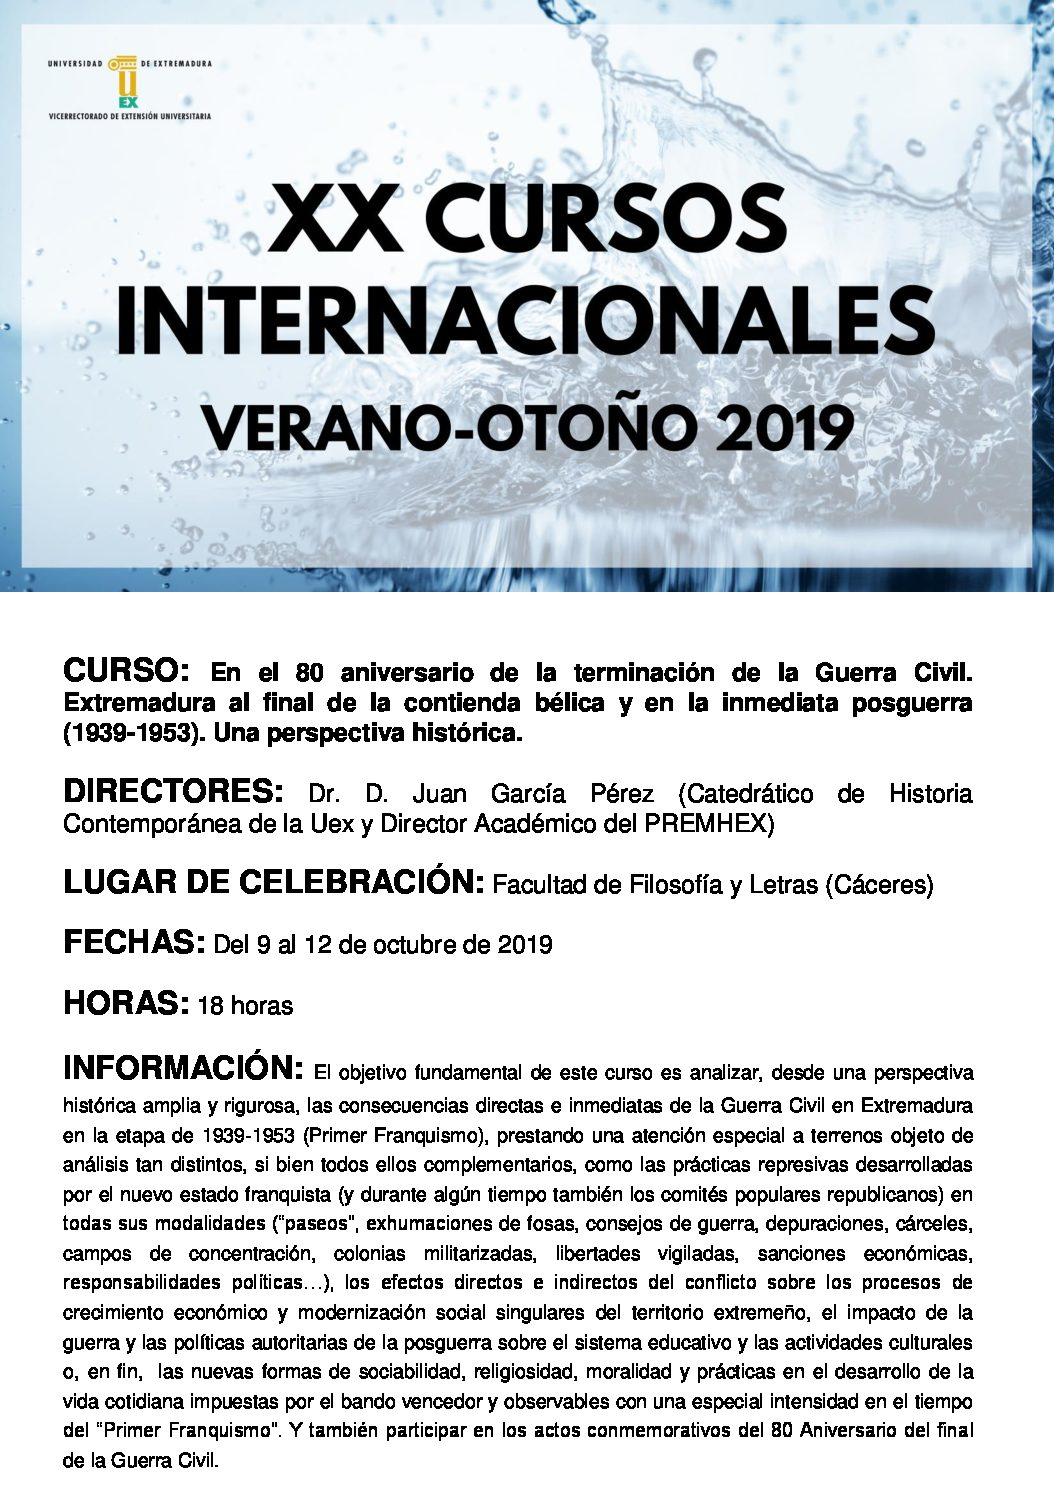 Curso de Verano-Otoño, en la XX edición de los cursos internacionales de la UEX, con el título de «En el 80 Aniversario de la terminación de la Guerra Civil. Extremadura al final de la contienda bélica (1939-1953). Tendrá lugar los días 9 a 12 de octubre en la Facultad de Filosofía y Letras de la UEX.